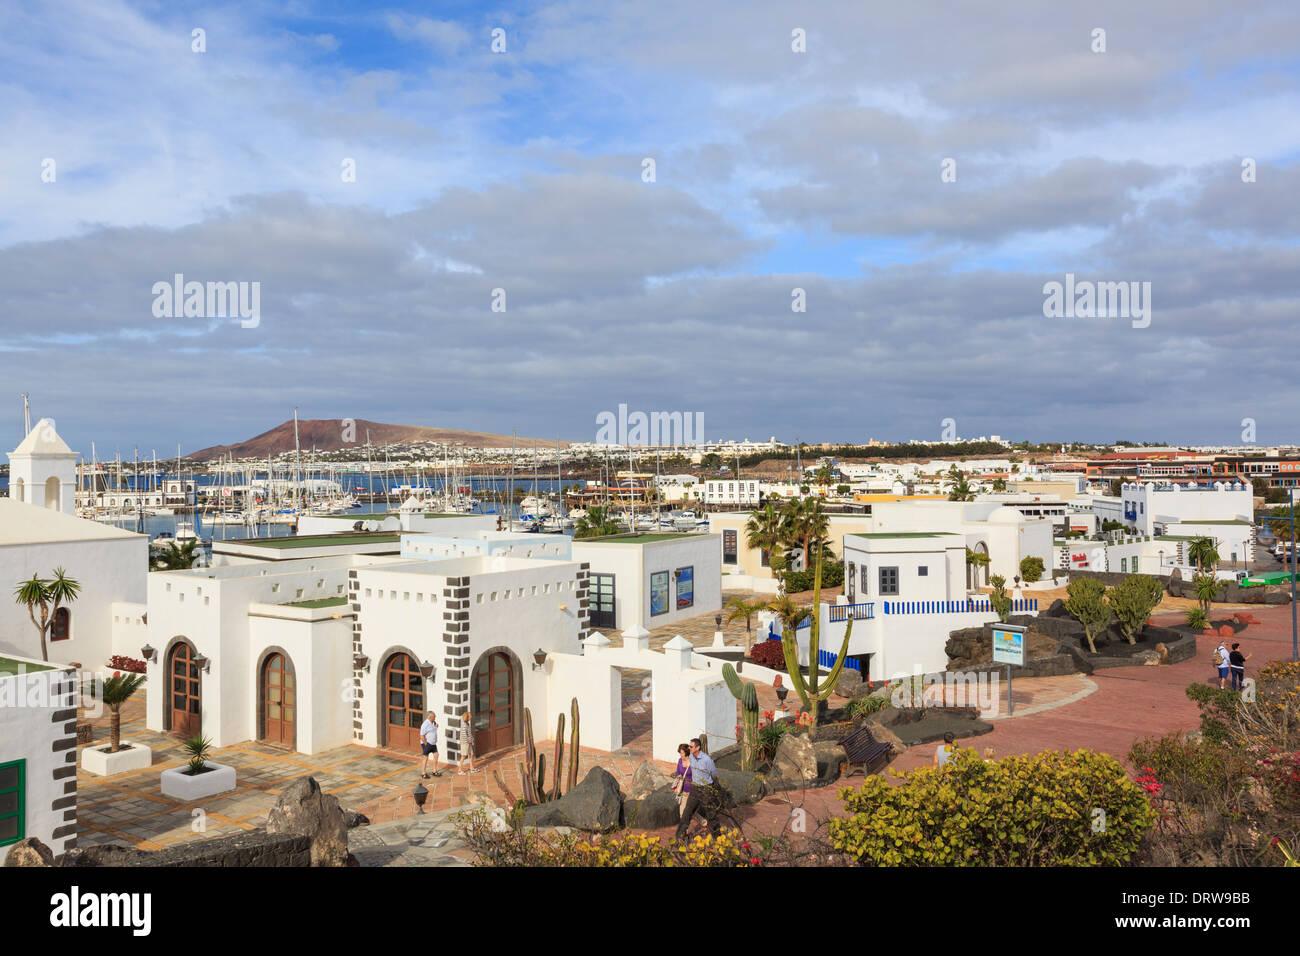 Weiße Gebäude in modernen gehobenen Neuentwicklung von Marina Rubicon, Playa Blanca, Lanzarote, Kanarische Inseln, Spanien Stockbild